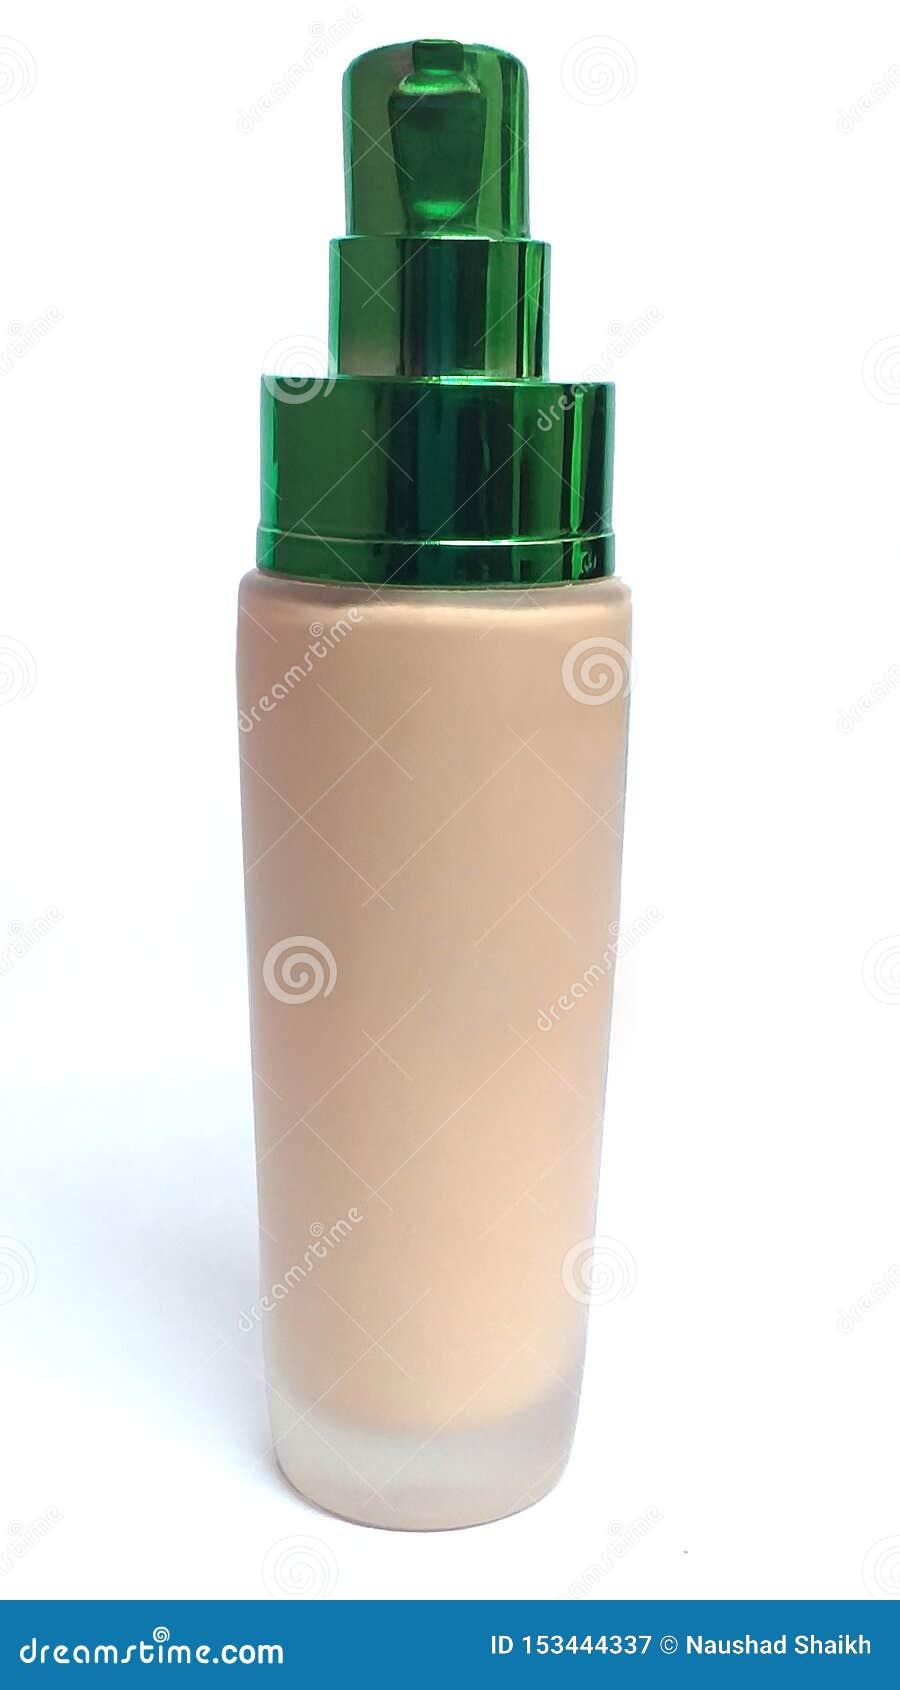 Vidro de garrafa novo com cabo verde